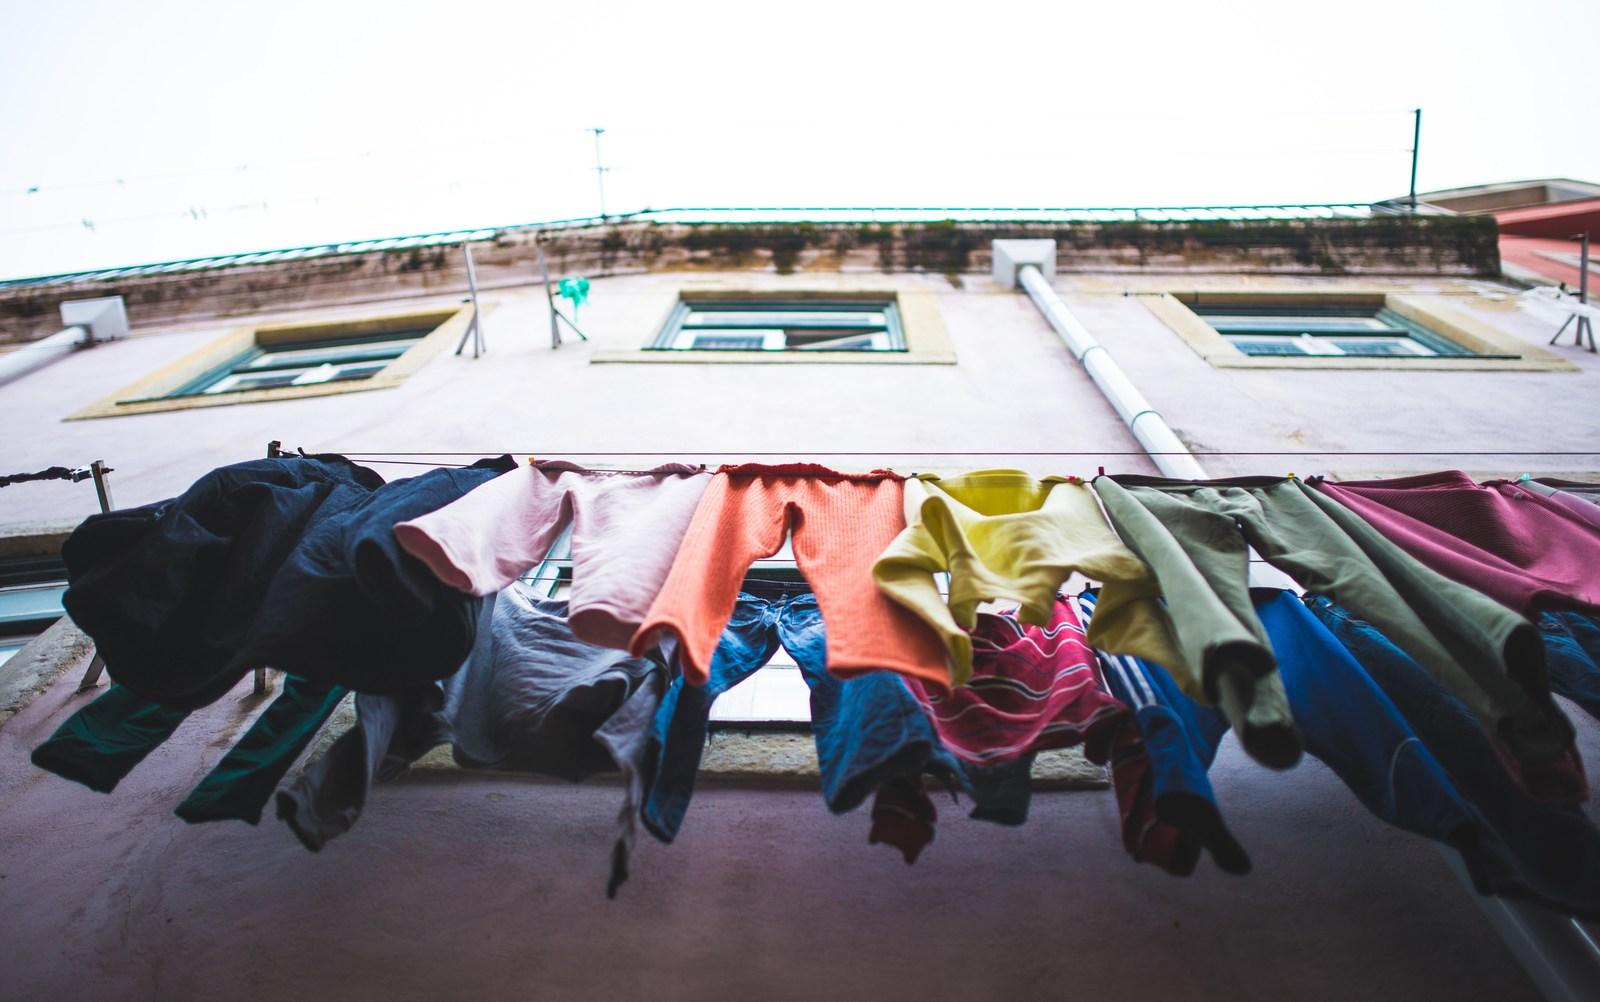 Linge aux fenêtres  Lisbonne